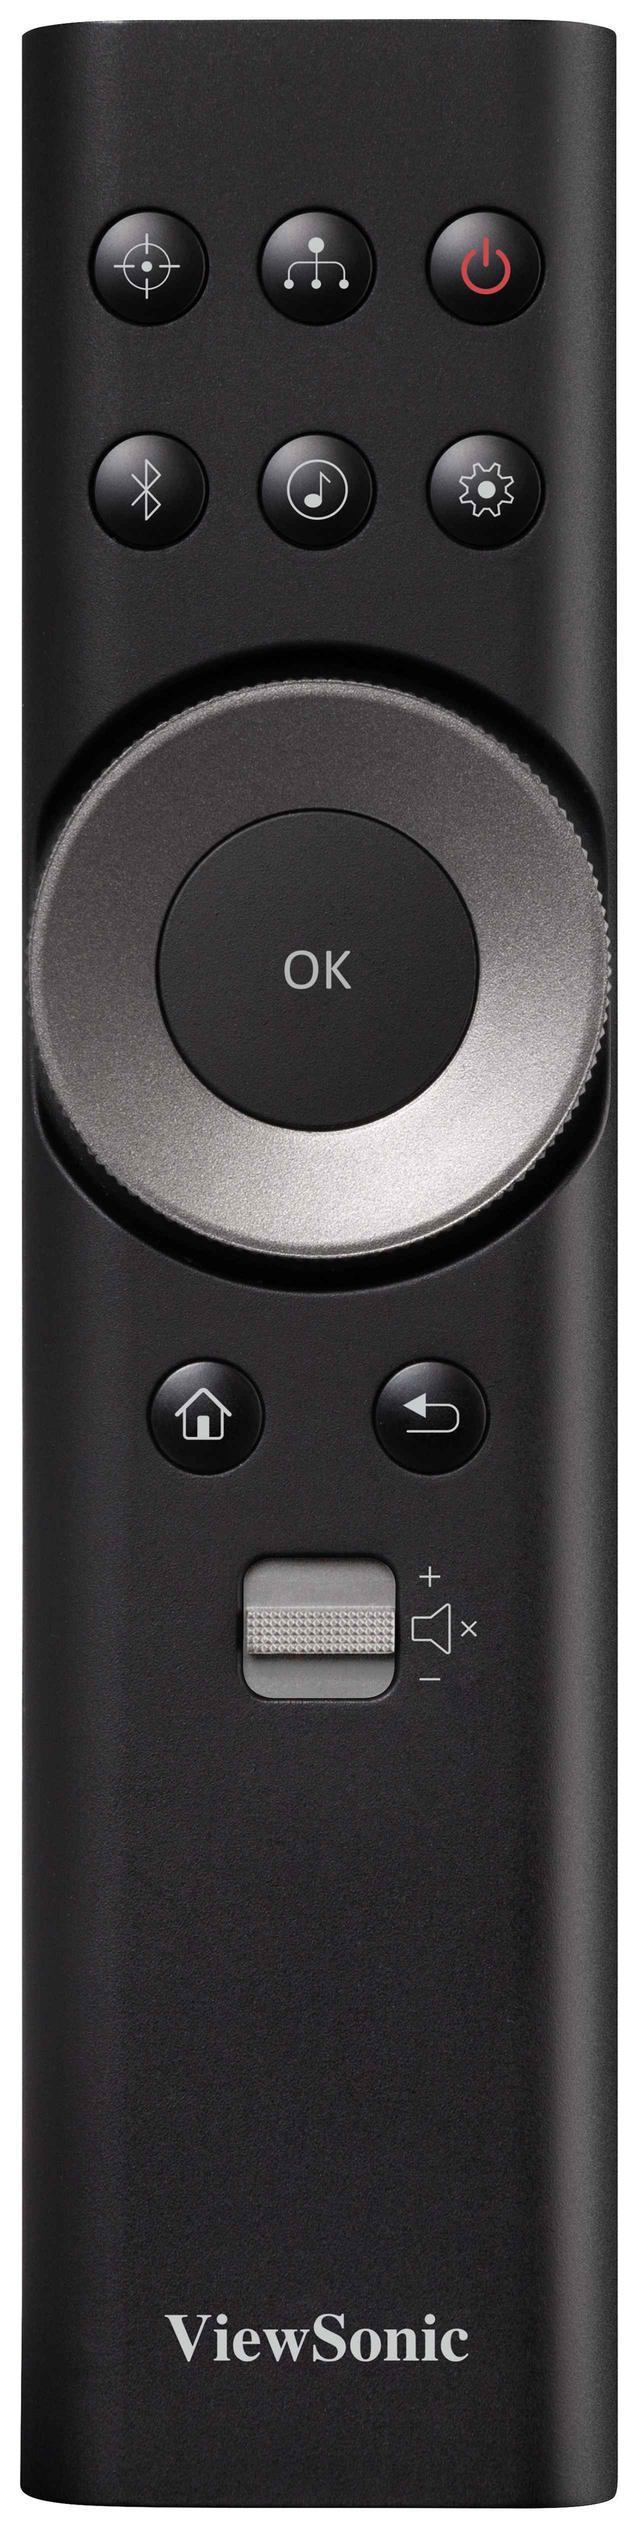 画像: リモコン中心のダイヤルはカーソル移動やフォーカス合わせ時に便利。上の6つのボタンは、左上がフォーカス調整、その右がHDMIのセレクターと、よく使う機能のショートカットになっている